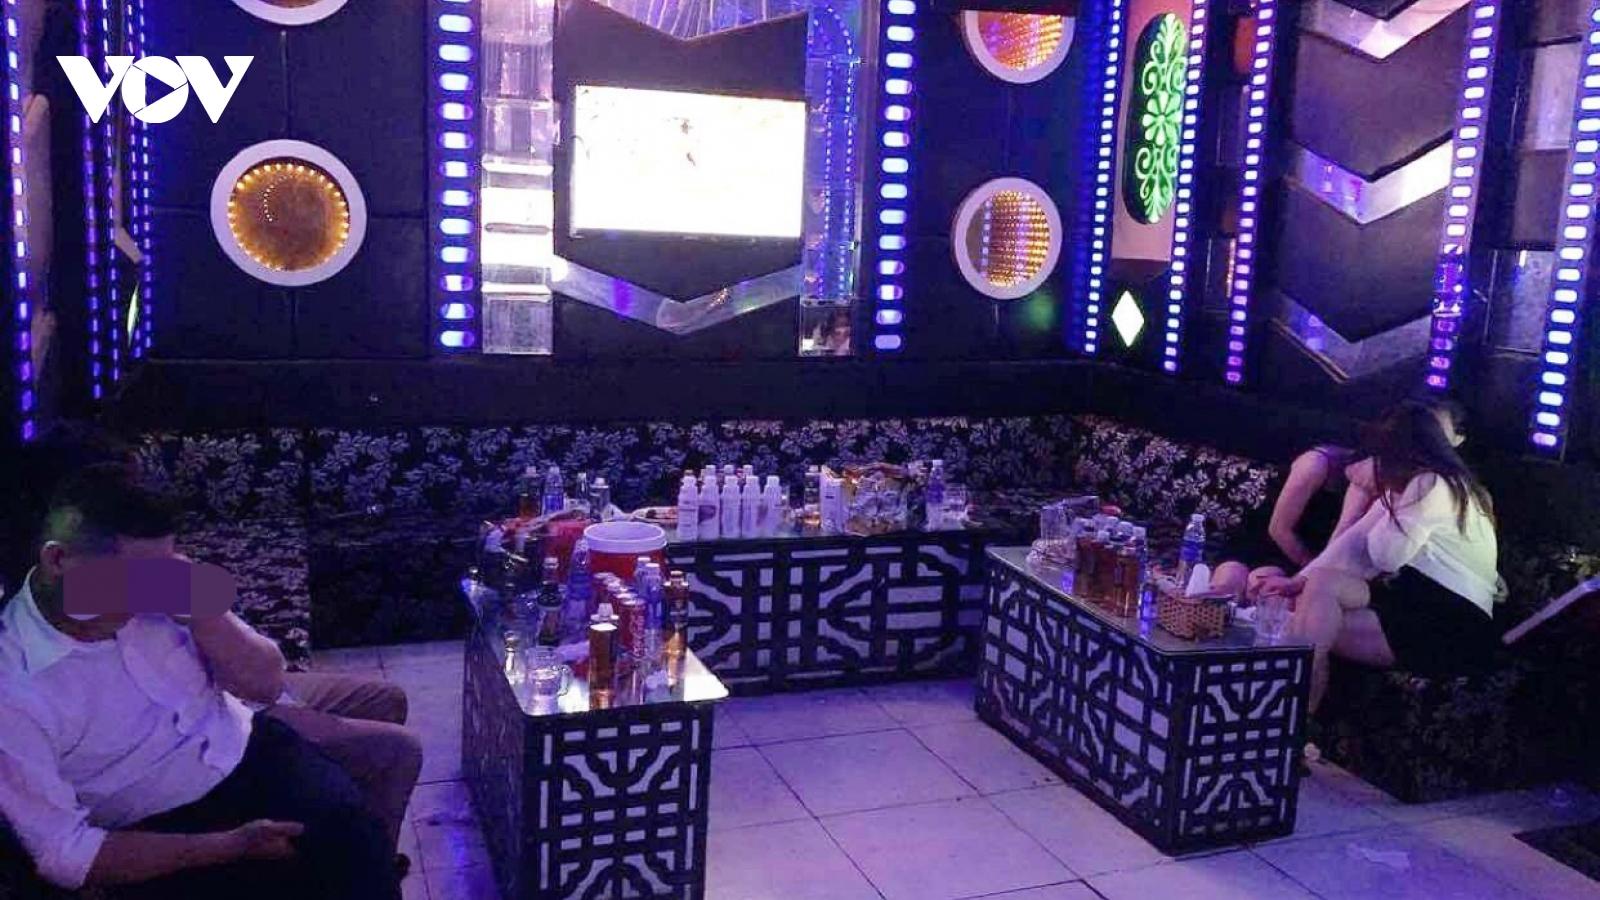 Phát hiện quán karaoke mở cửa đón khách bất chấp lệnh cấm